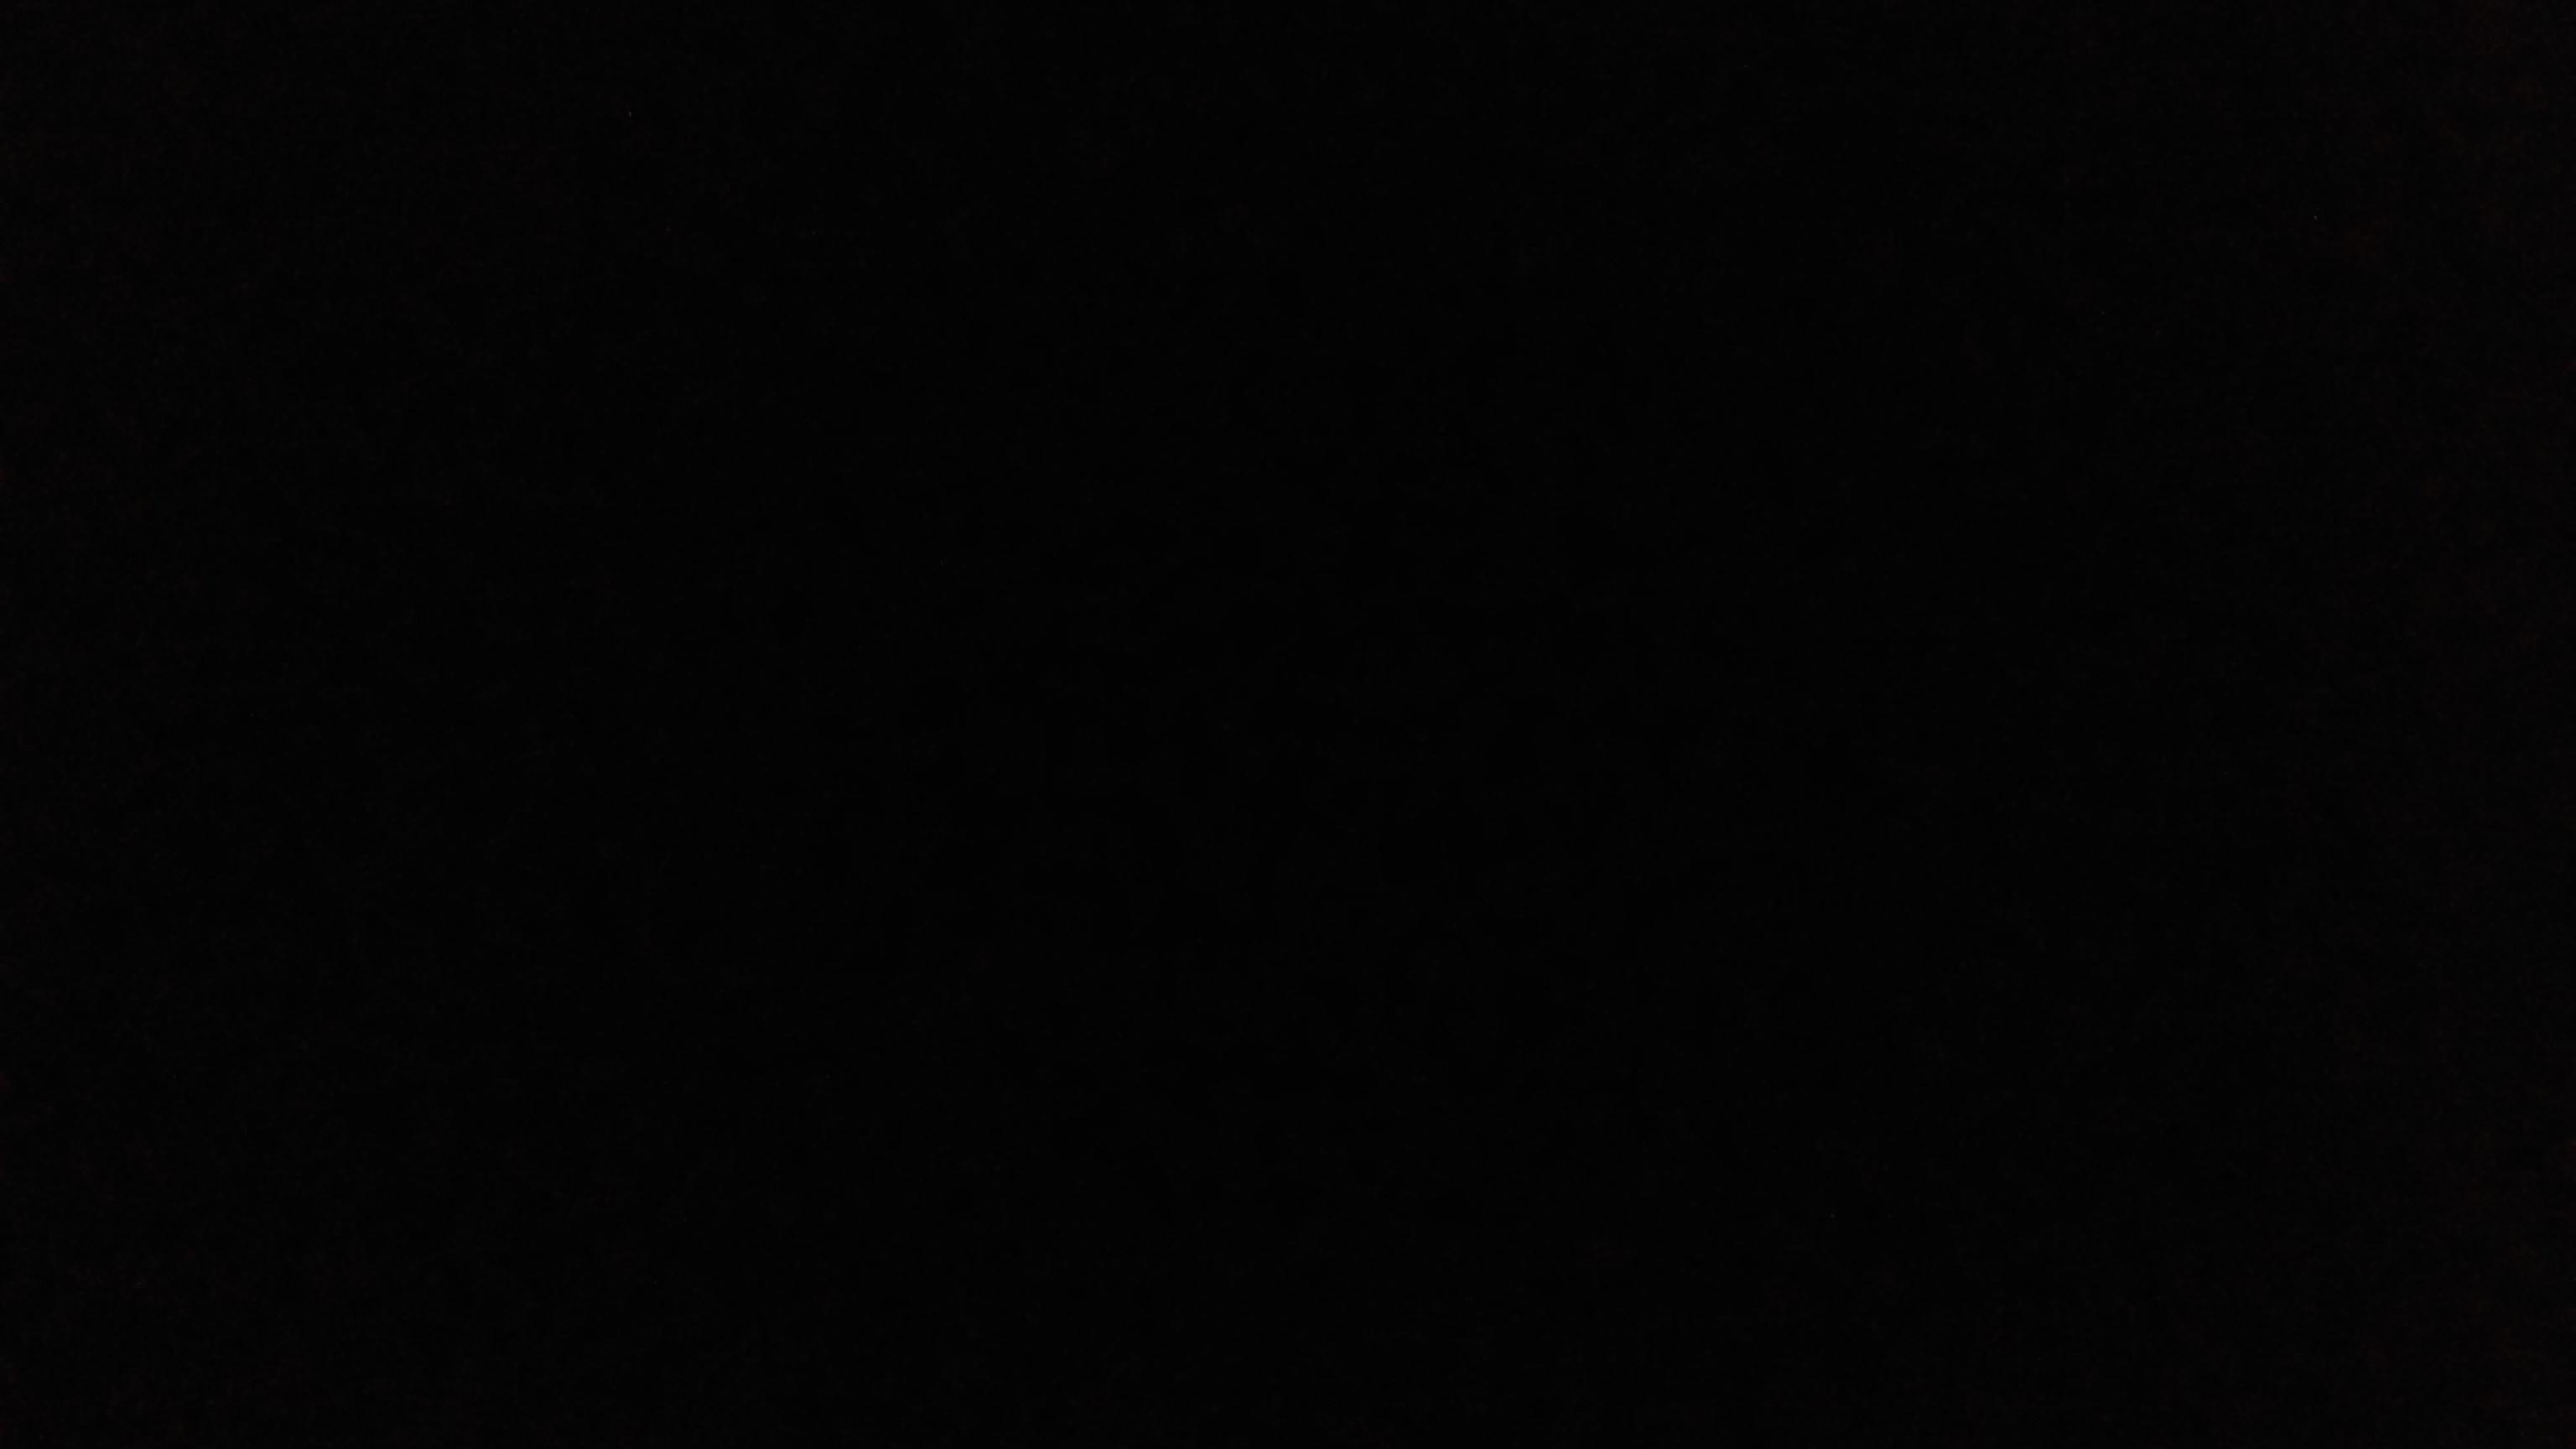 Красивые, картинки черный квадрат 1920 1080